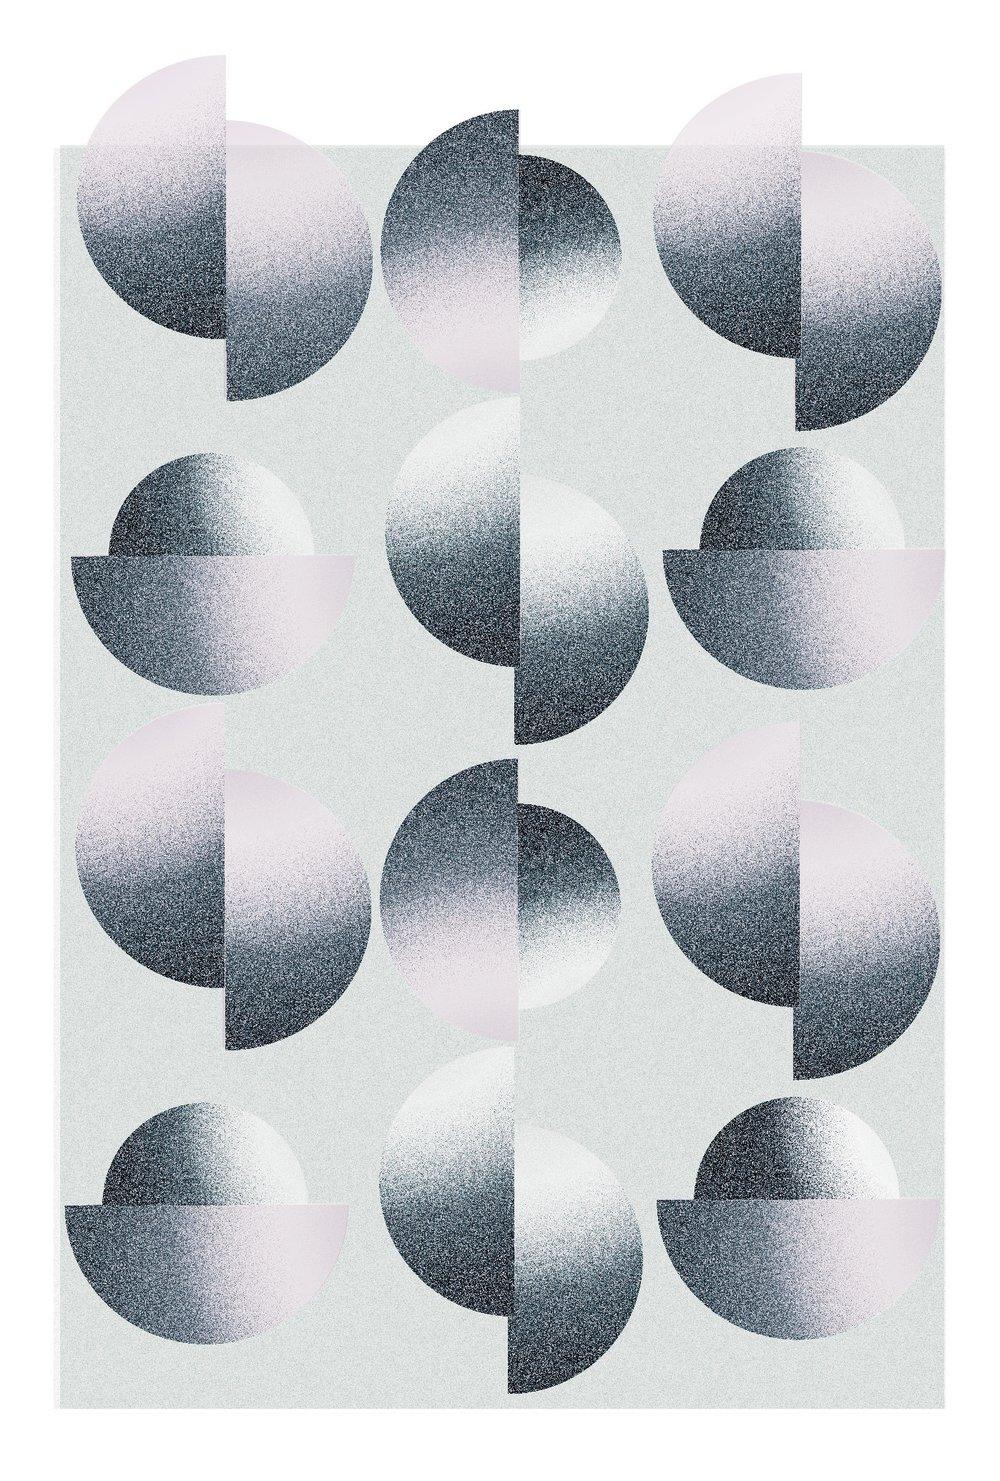 Paul Klee 4.jpg